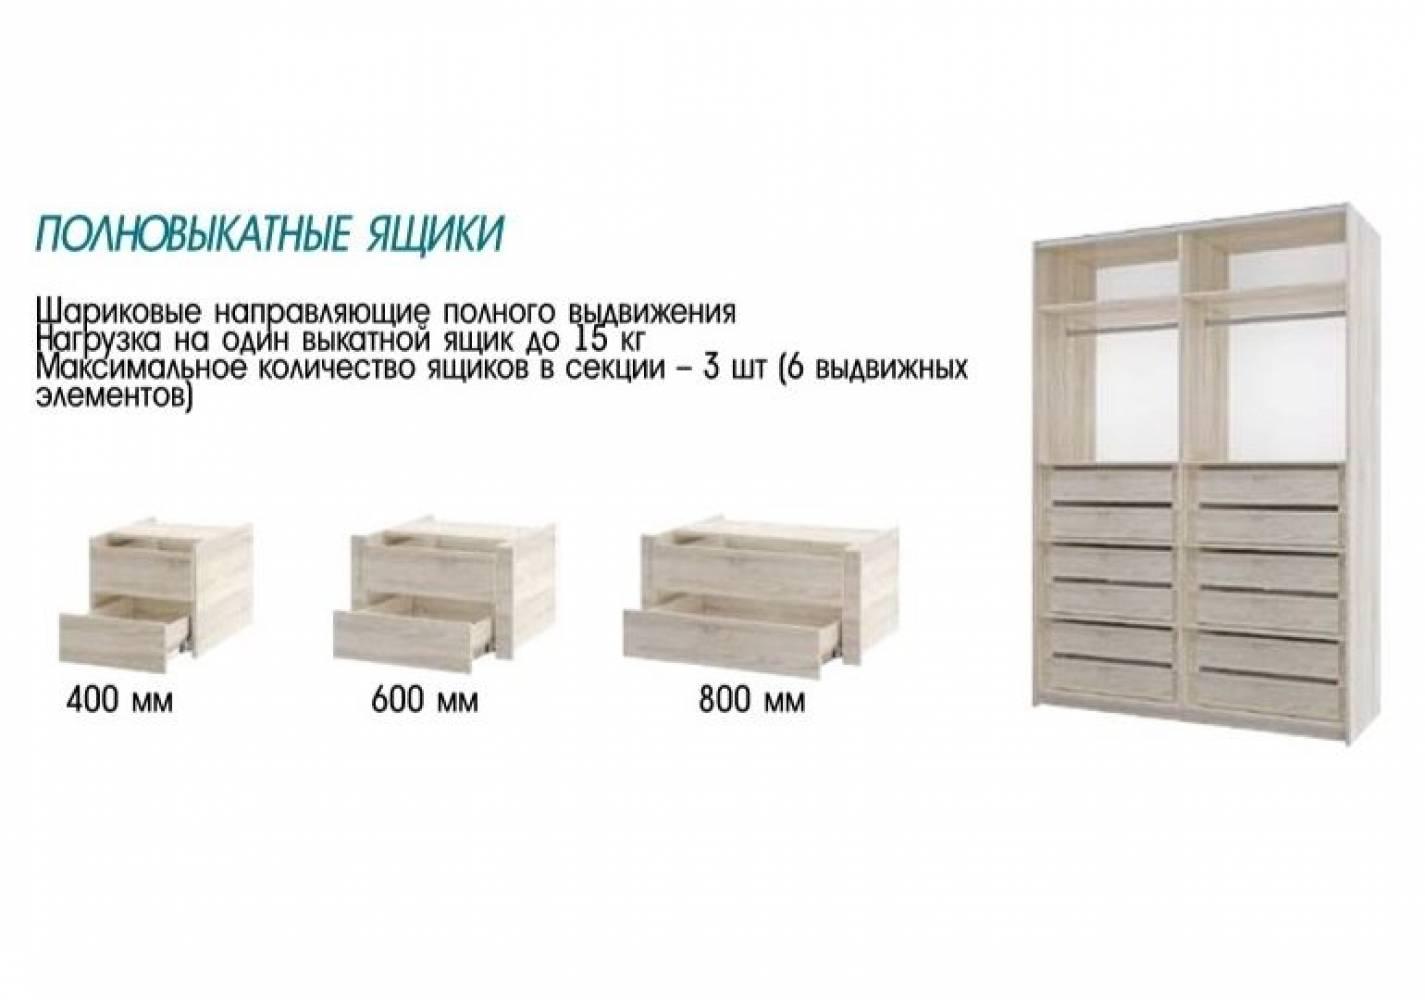 Шкаф Фортуна-8 (1600) 400/400/400/400